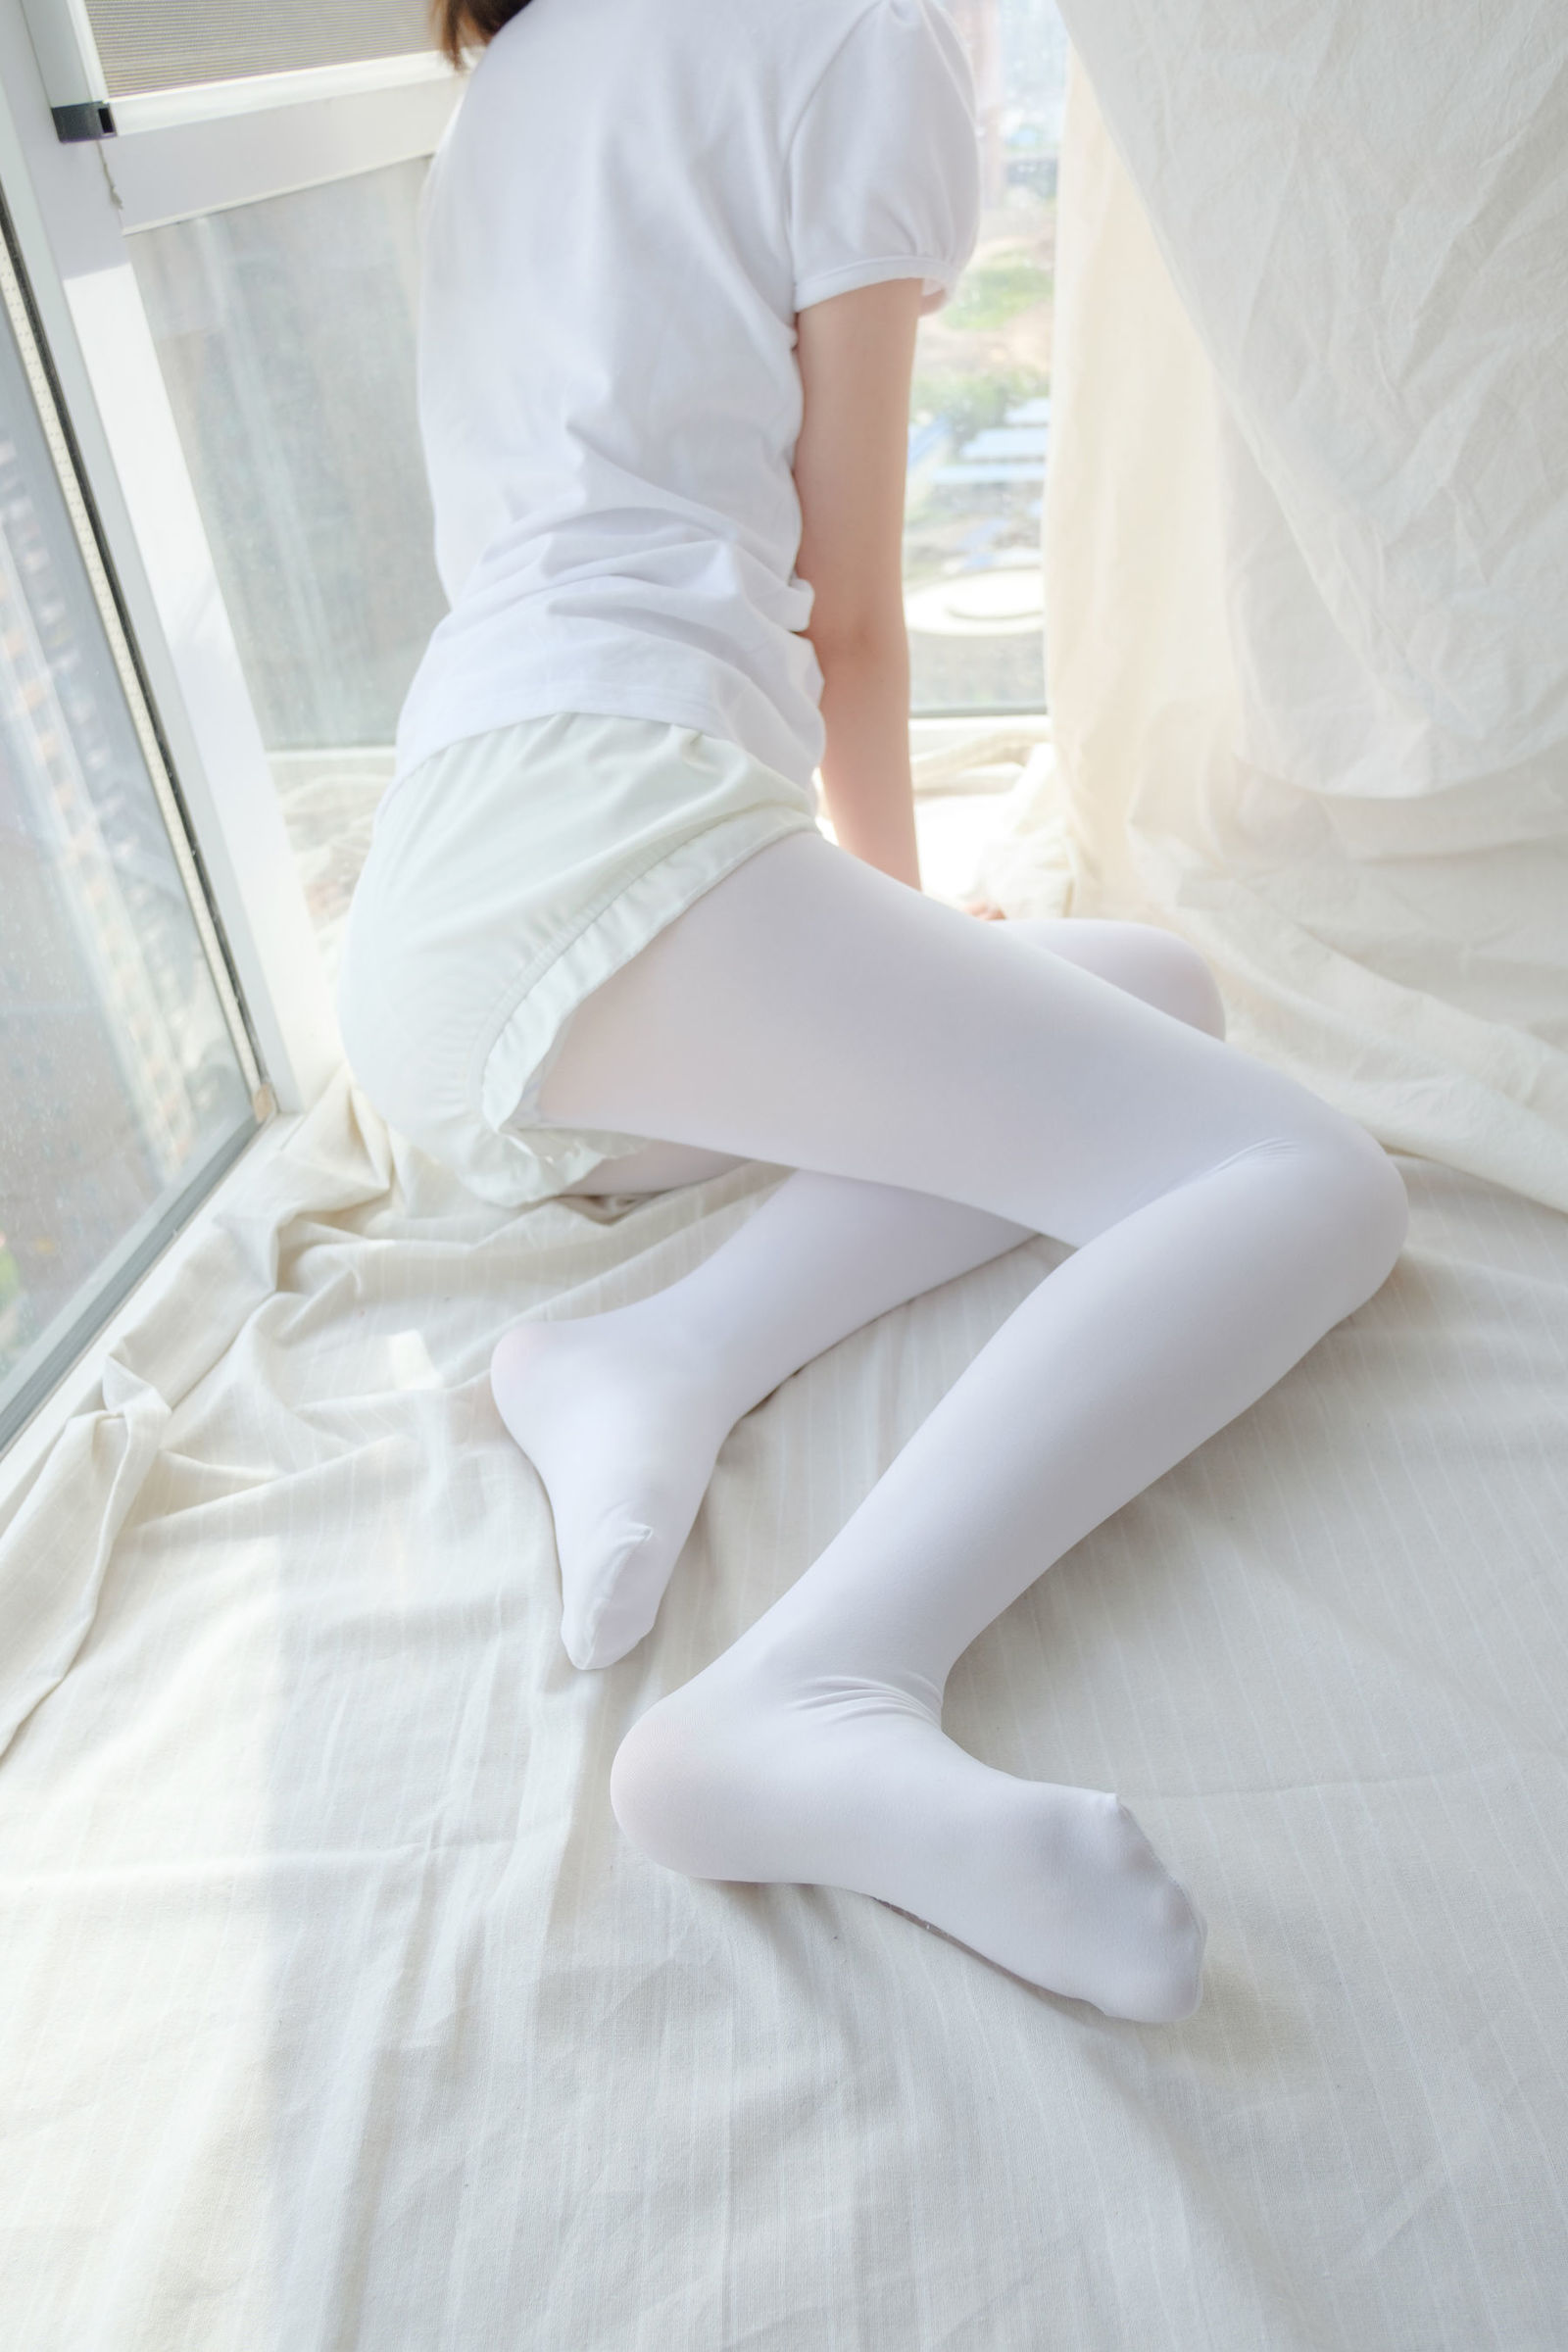 音乐资讯_美图-窗台上的白丝少女萝莉丝袜写真_值得一看_APP资源网-专注 ...